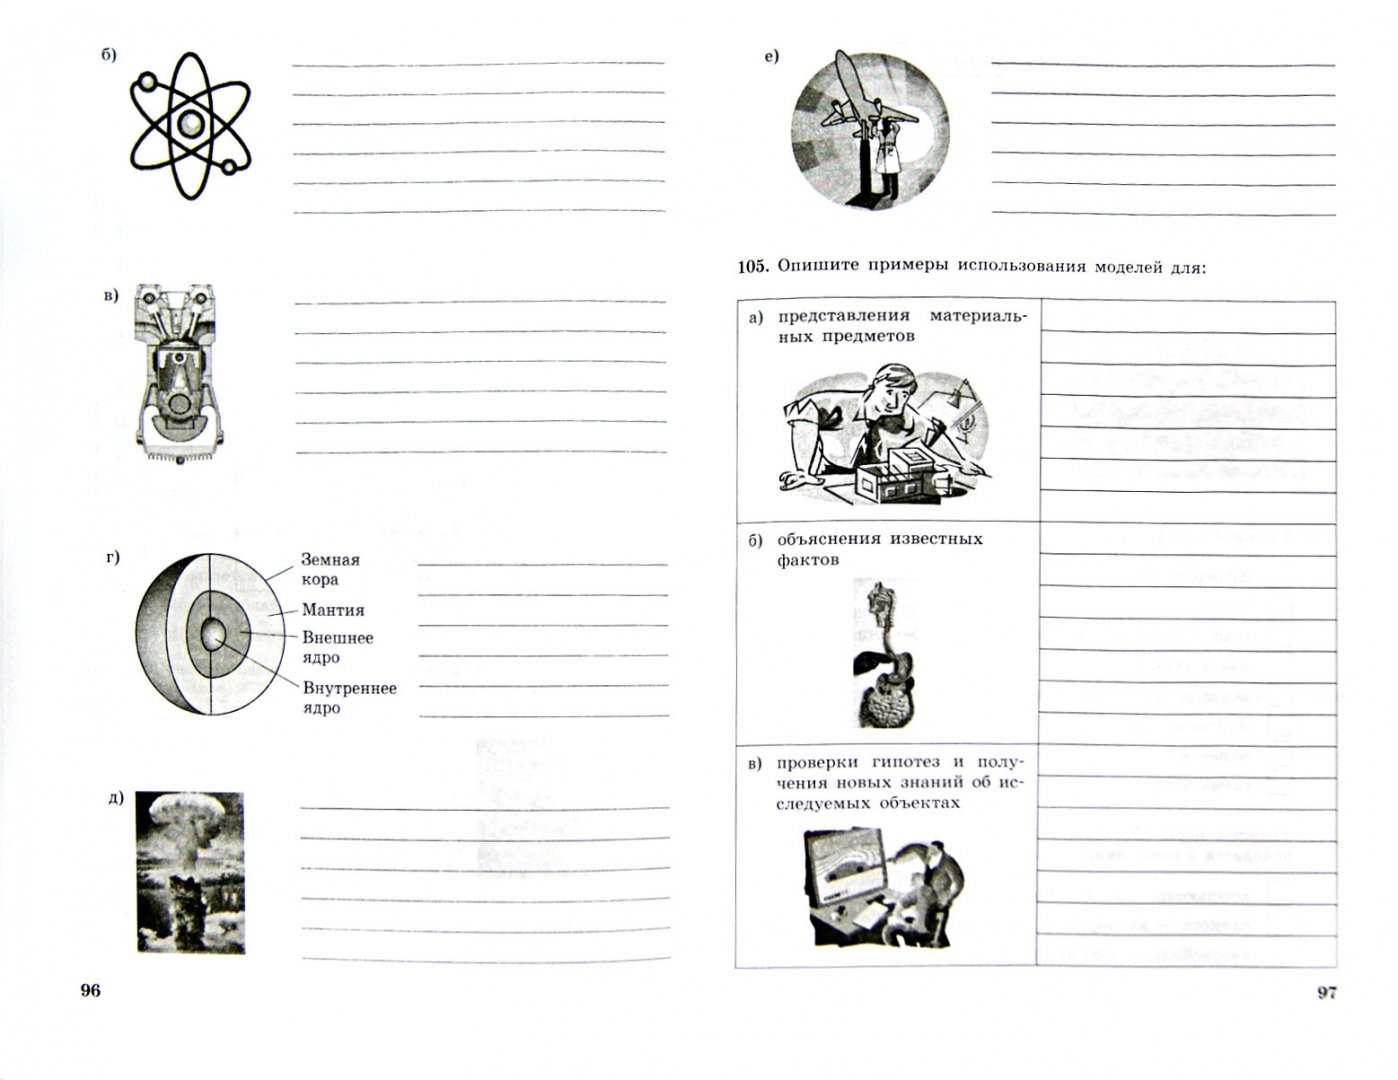 Иллюстрация 1 из 21 для Информатика. 6 класс. Рабочая тетрадь. ФГОС - Босова, Босова | Лабиринт - книги. Источник: Лабиринт